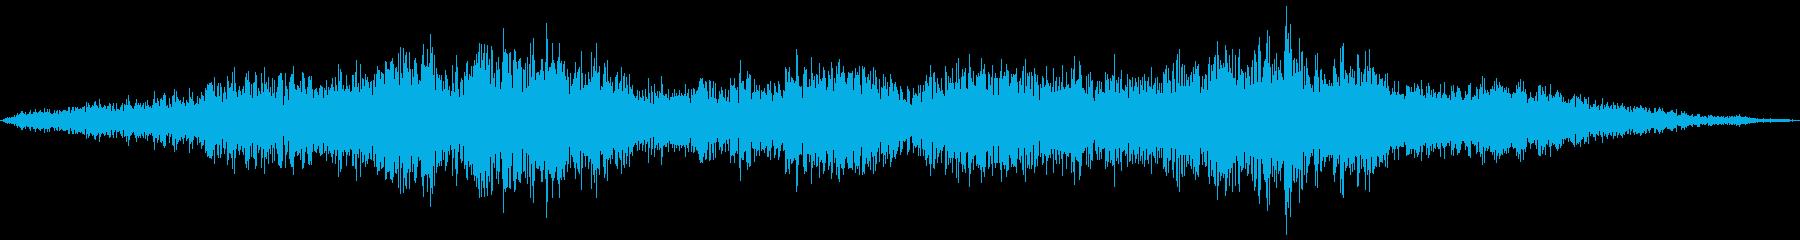 黄色い悲鳴(女性のキャーキャー声)の再生済みの波形